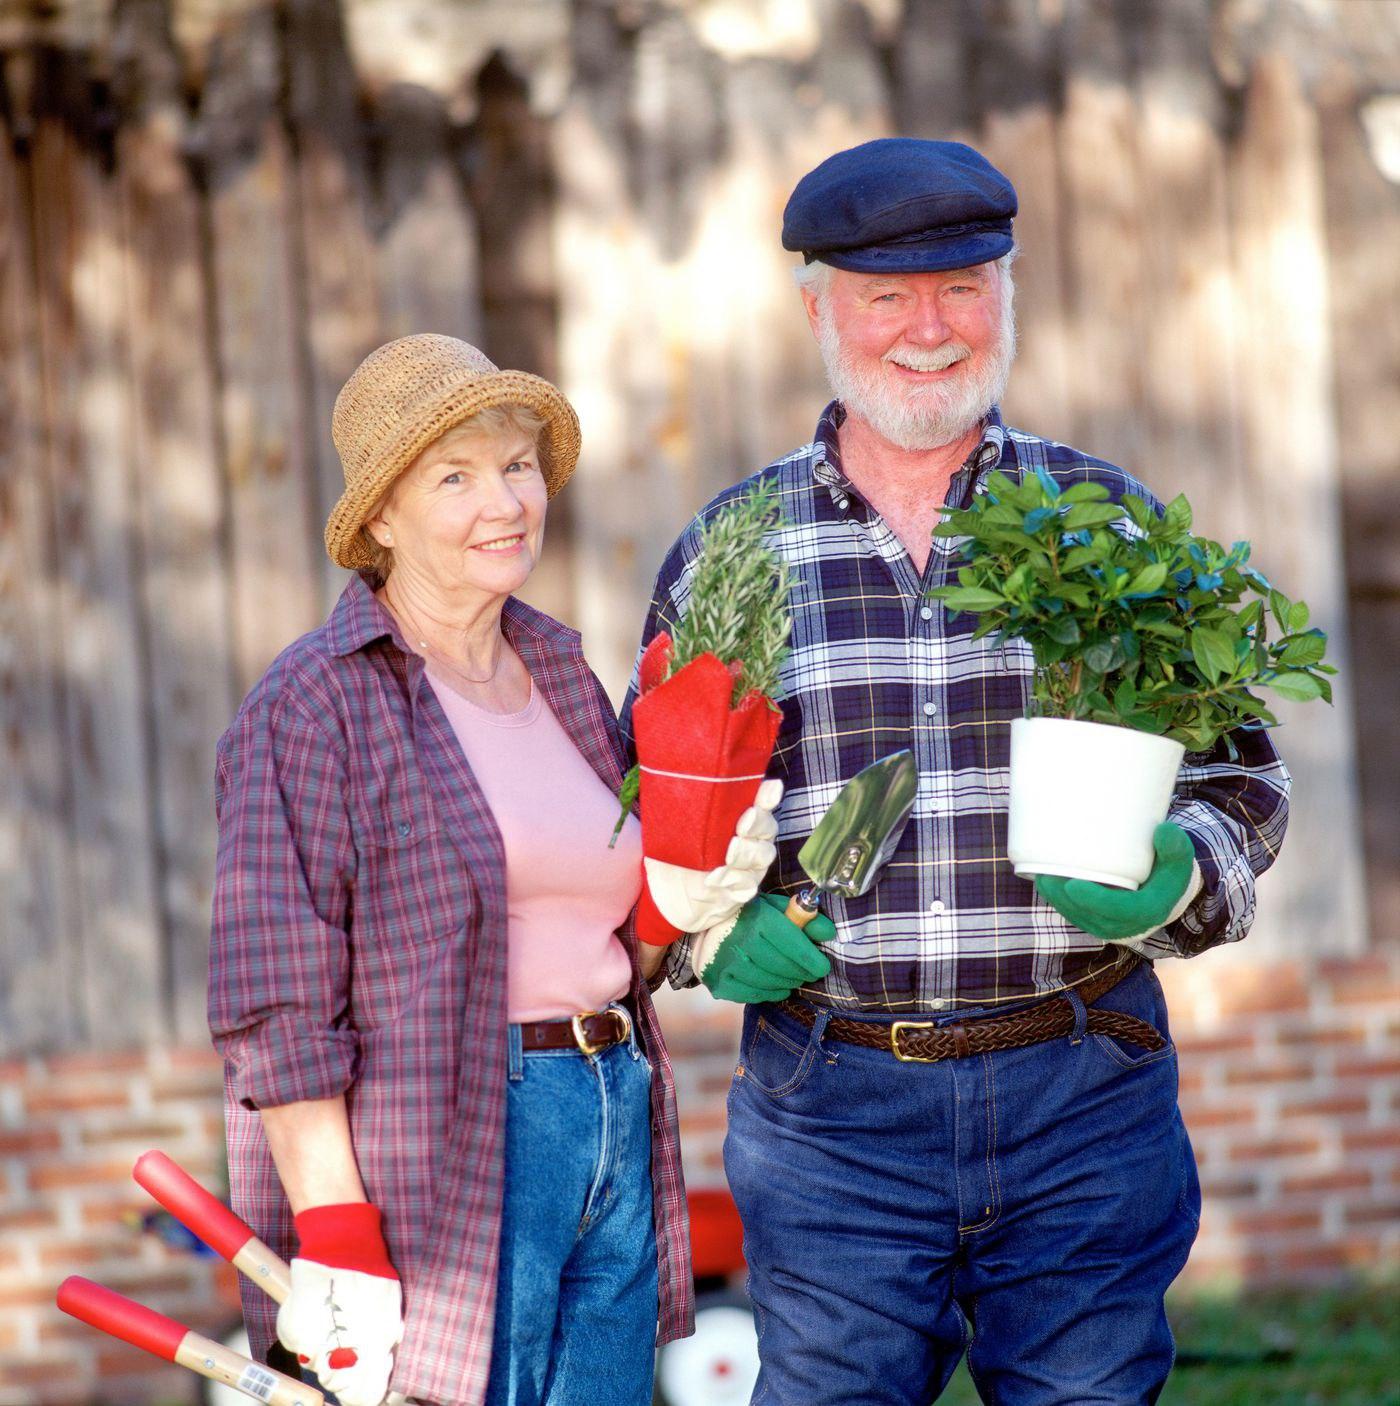 seniors gardening